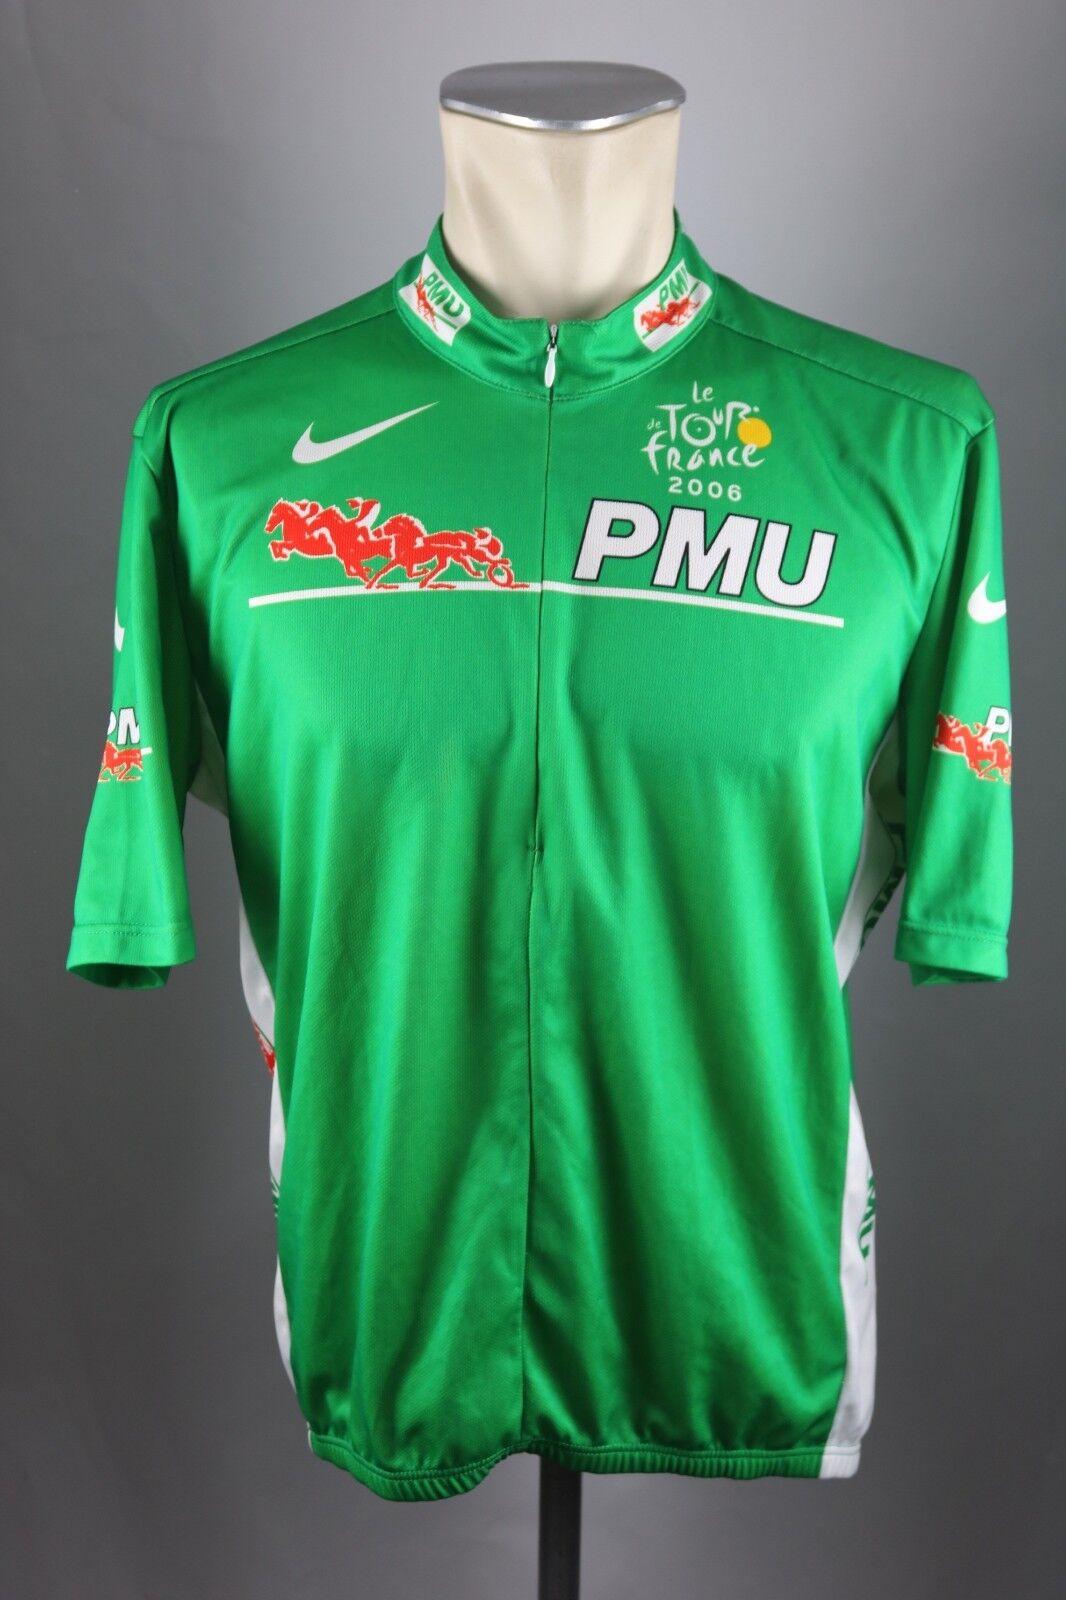 Tour de France 2006 Nike Trikot vintage Gr. XL BW 58cm cycling jersey J19